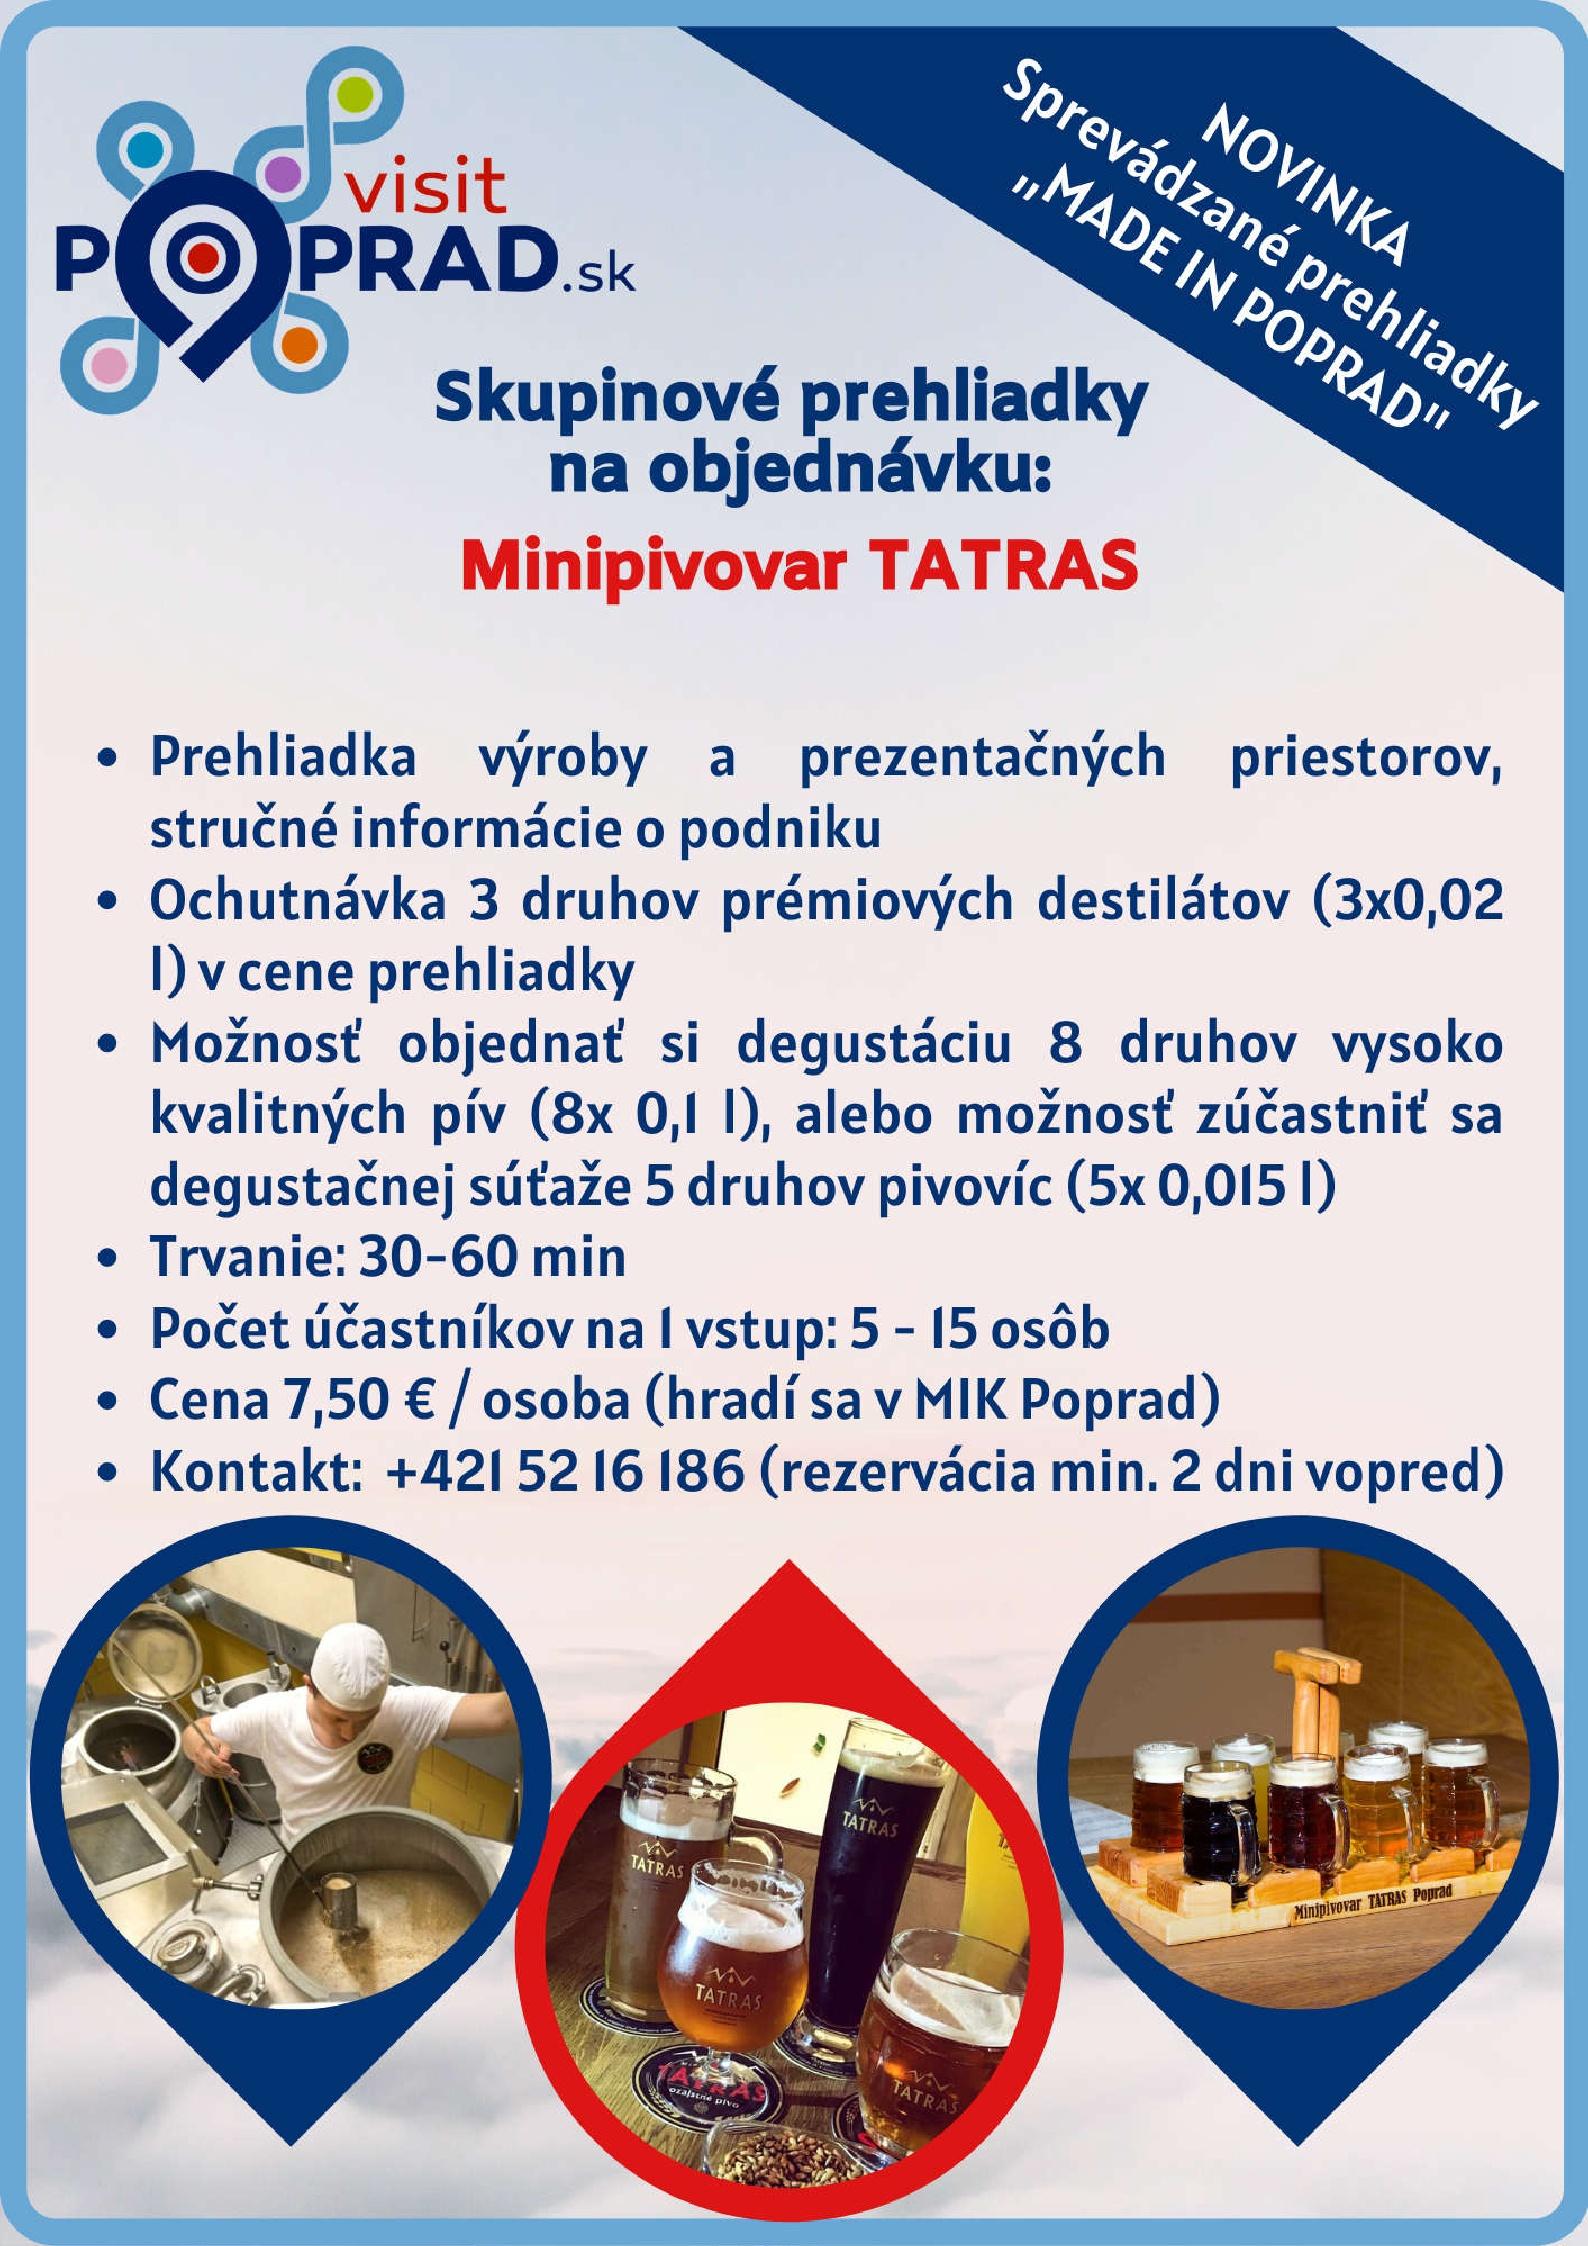 Made in Poprad – Minipivovar TATRAS (Trvanie: 30 minút),Cena: 7,50 €